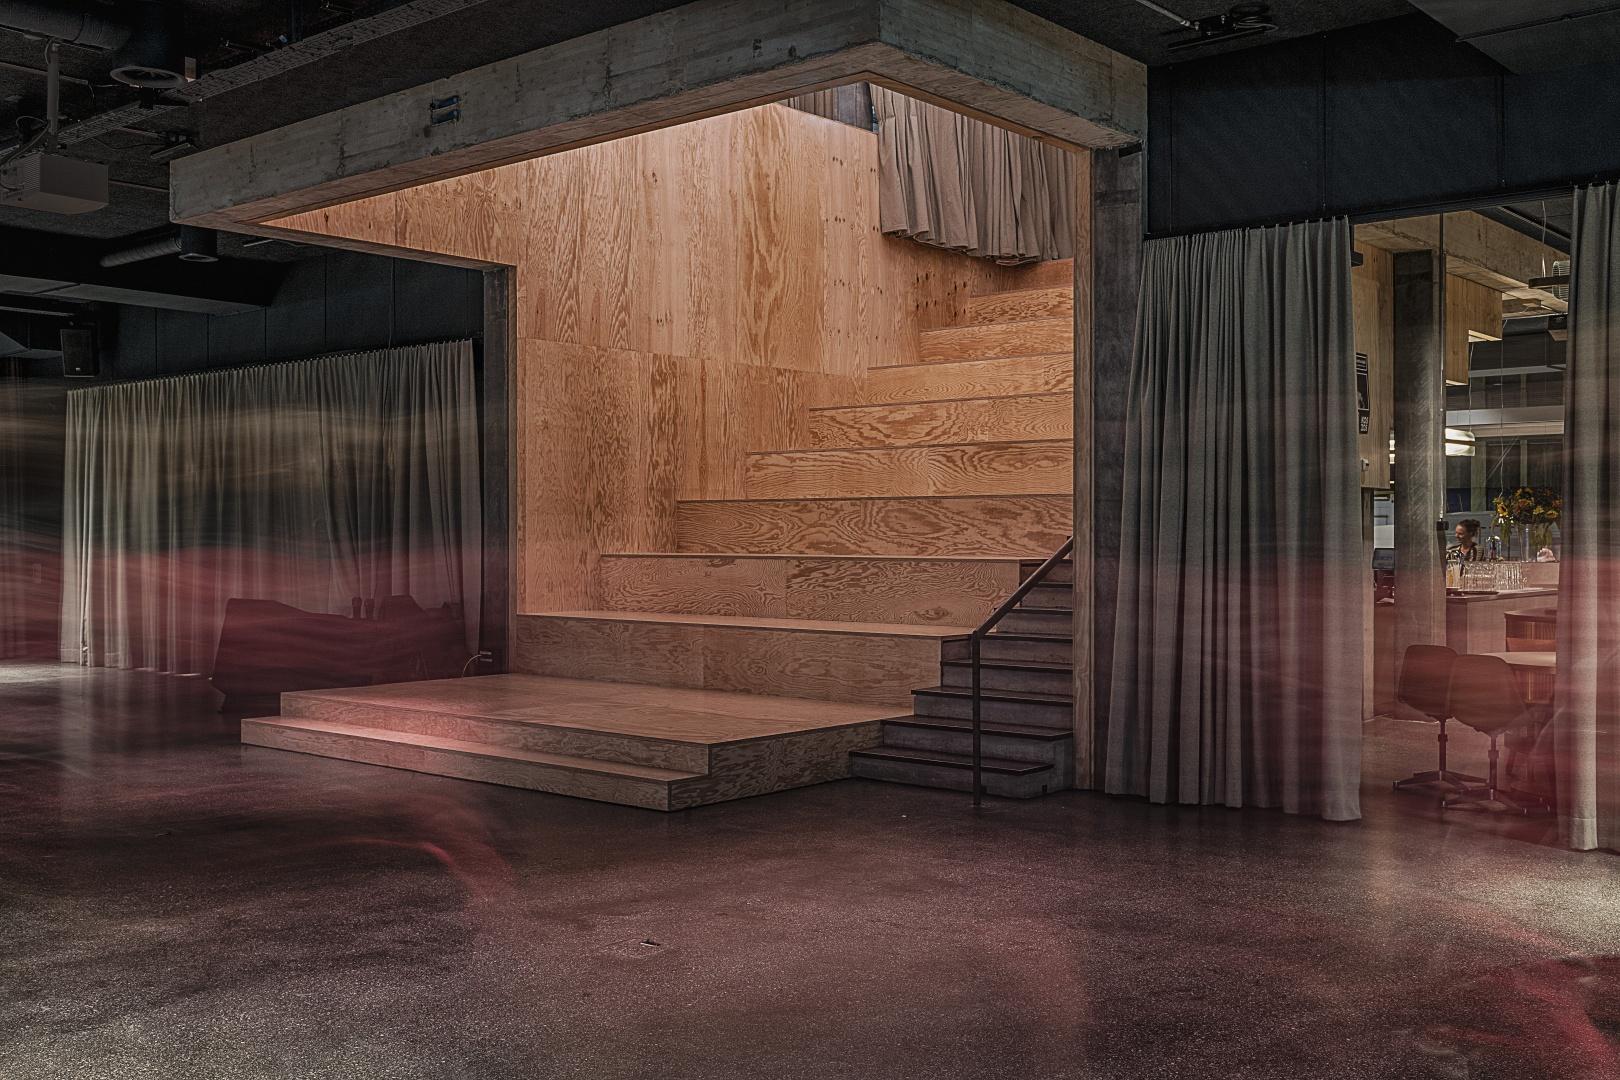 Treppe: Blick auf das zentrale Veranstaltungs-Forum, gestaltet als grosse Holztreppe mit Sitzstufen, verkleidet mit Seekiefersperrholz. © Burkhard & Lüthi